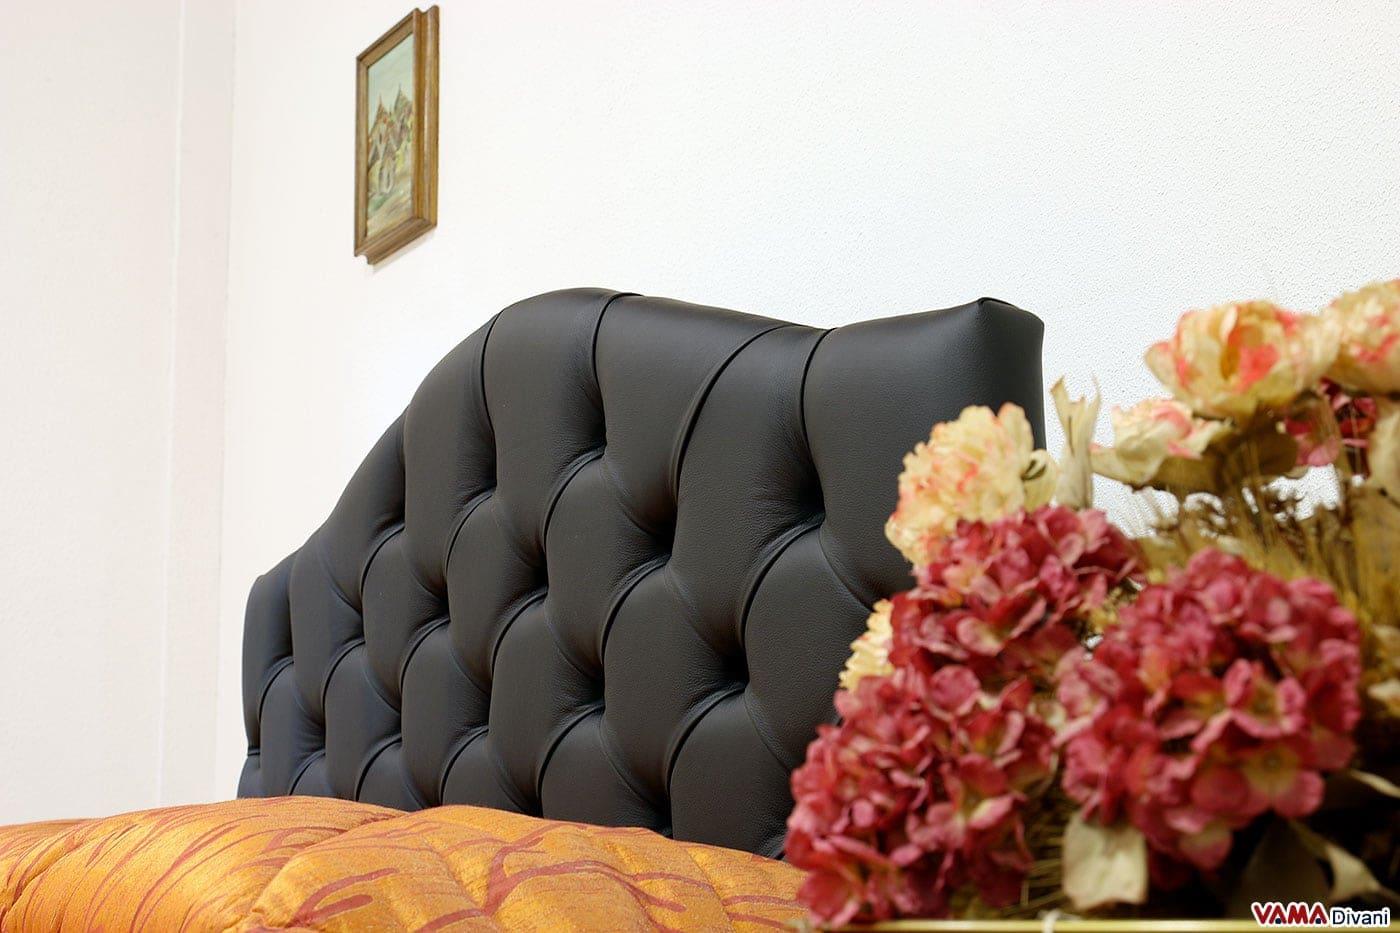 Testate letto imbottite su misura vama divani - Testiera letto capitonne ...